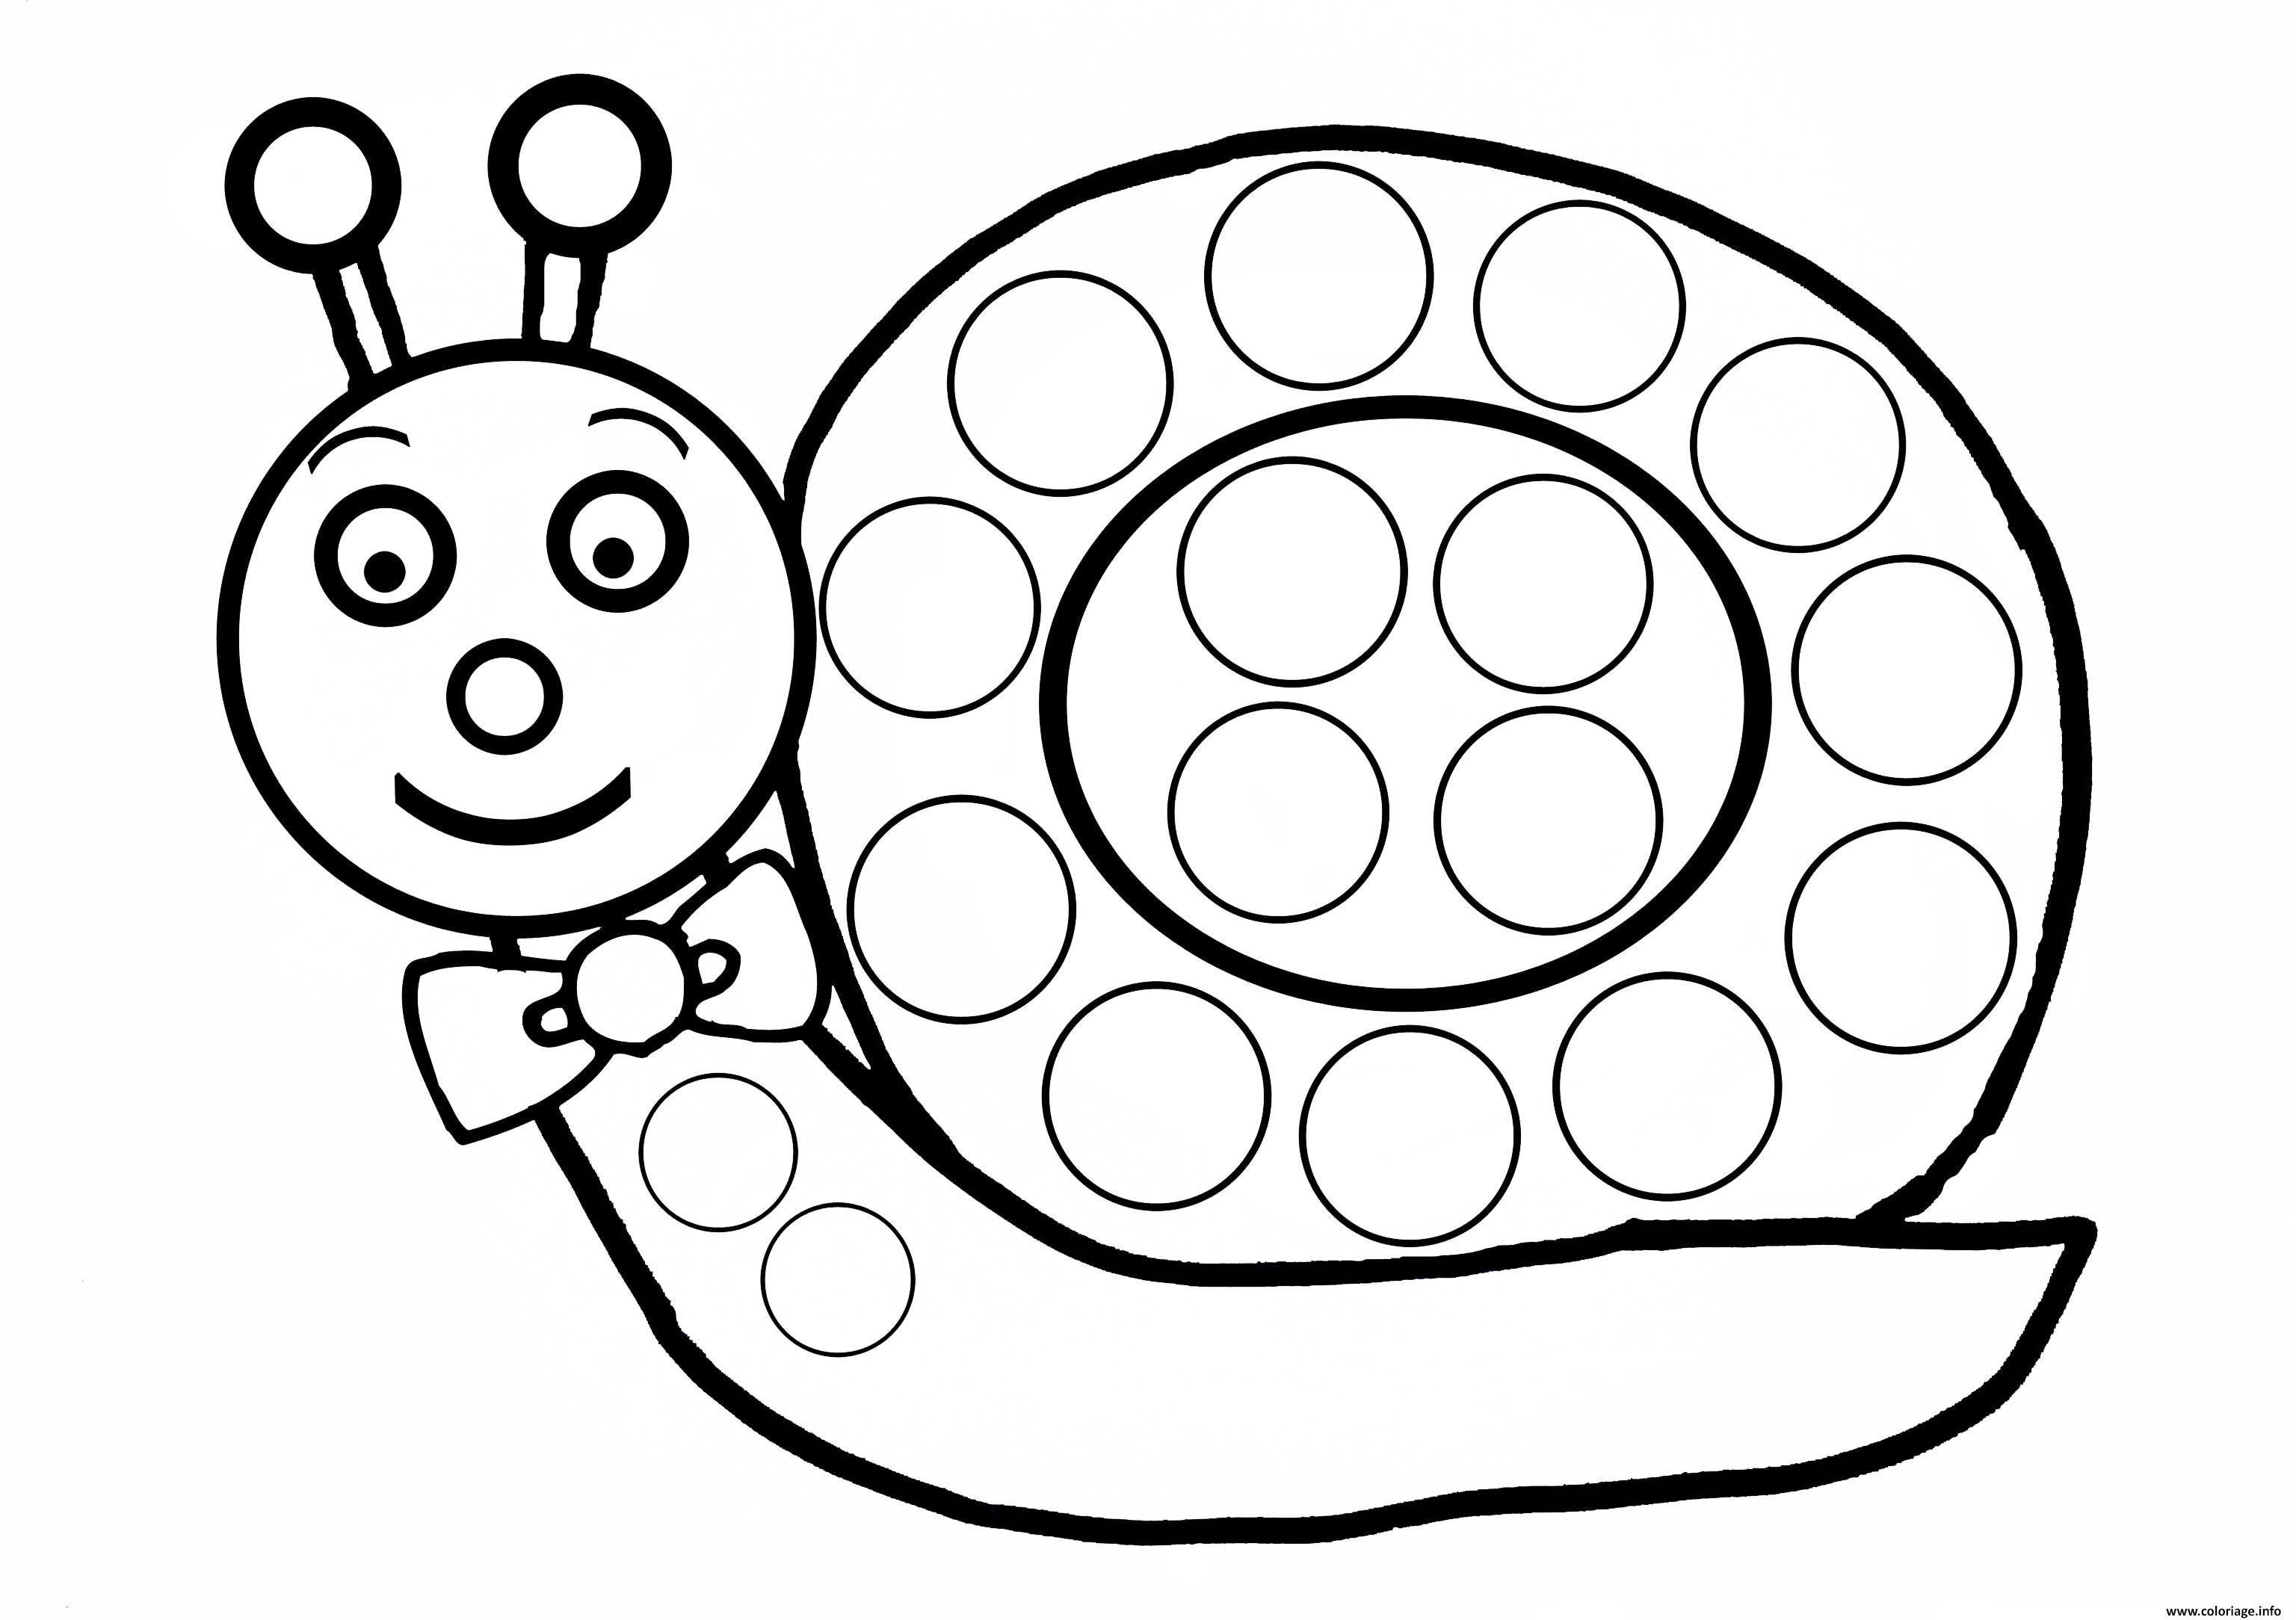 Coloriage Escargot A Gommette Enfant Dessin | Coloriage tout Coloriage Hugo L'Escargot A Imprimer Gratuit